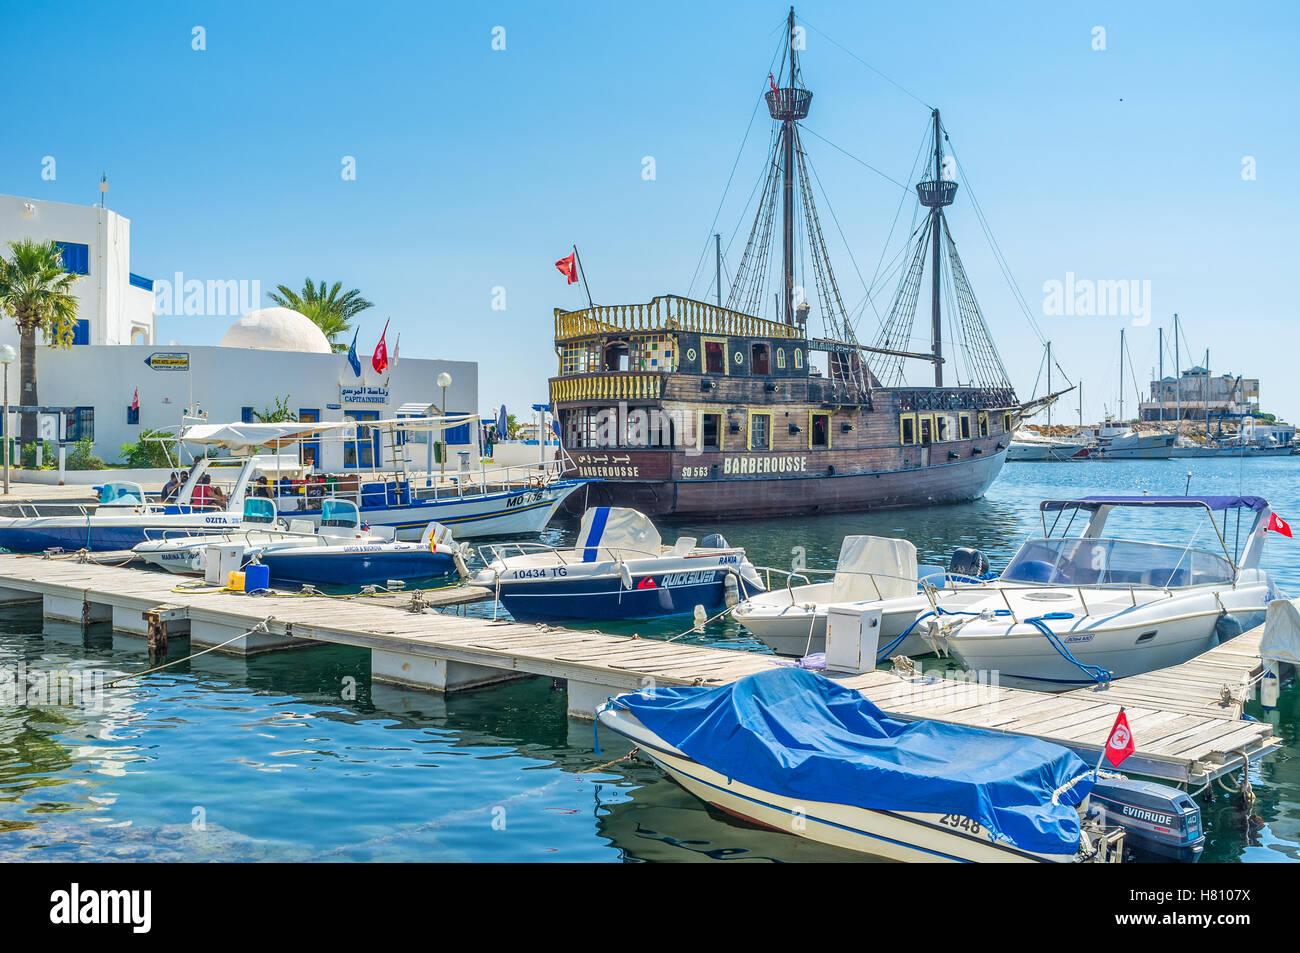 Alle Resorts in Tunesien verfügen über schöne hölzerne Piraten Galleonen für den Touristen genießen, Monastir Stockfoto